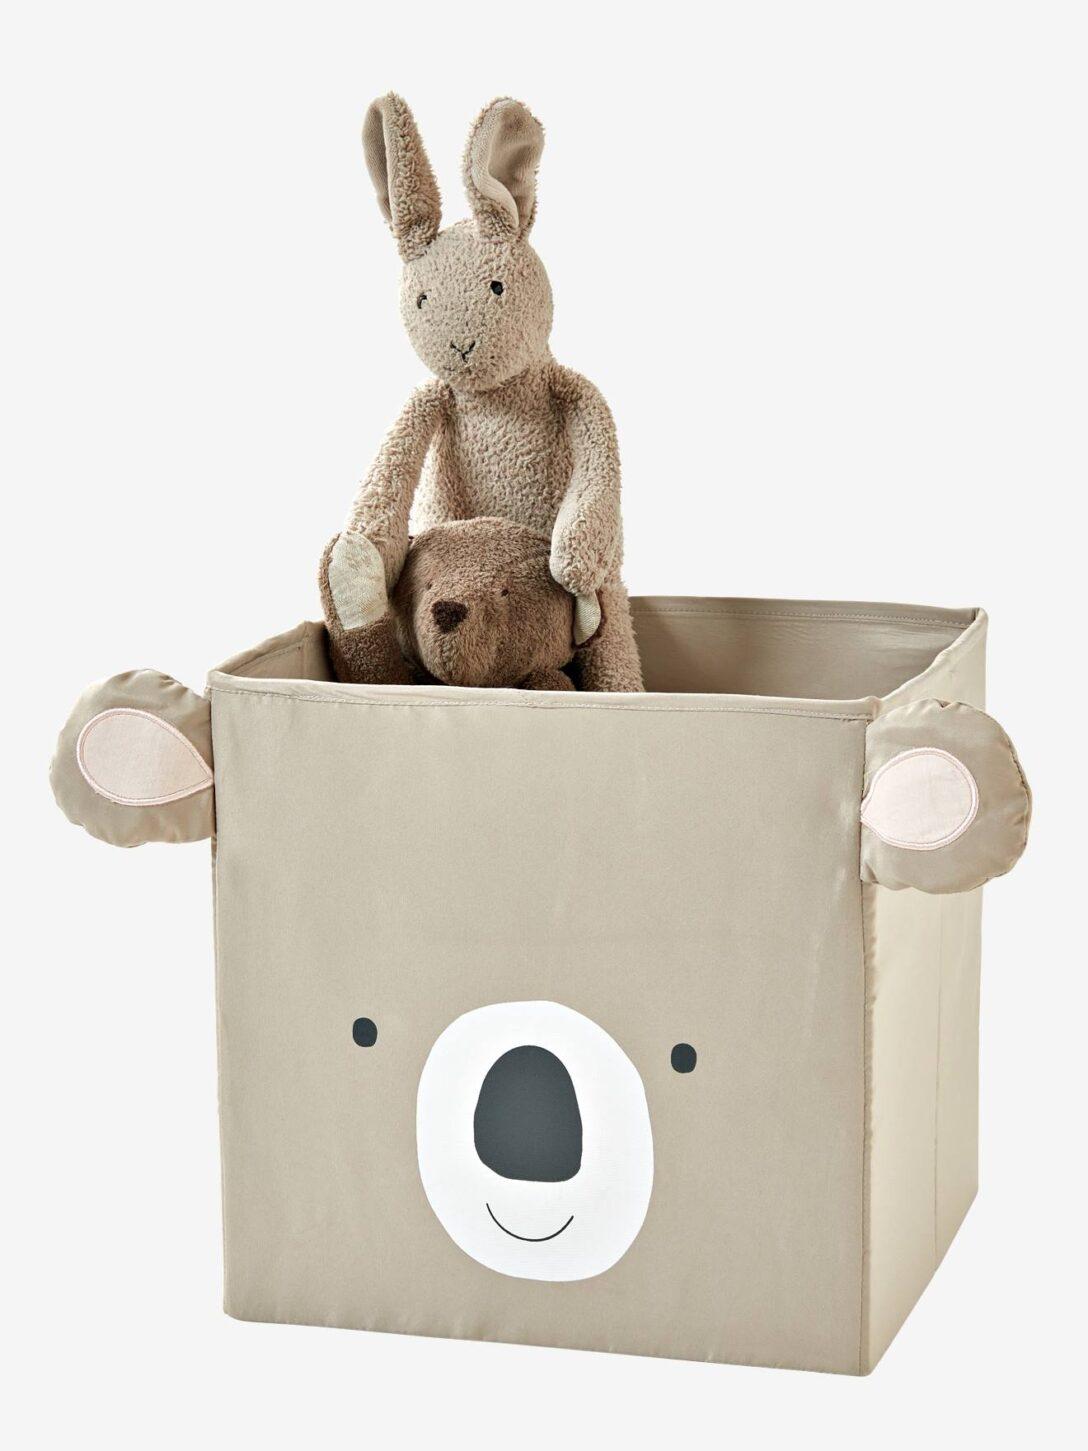 Large Size of Aufbewahrungsboxen Kinderzimmer Stapelbar Amazon Design Ikea Mit Deckel Aufbewahrungsbox Ebay Mint Holz Plastik Vertbaudet 2 Stoff Regale Regal Weiß Sofa Kinderzimmer Aufbewahrungsboxen Kinderzimmer